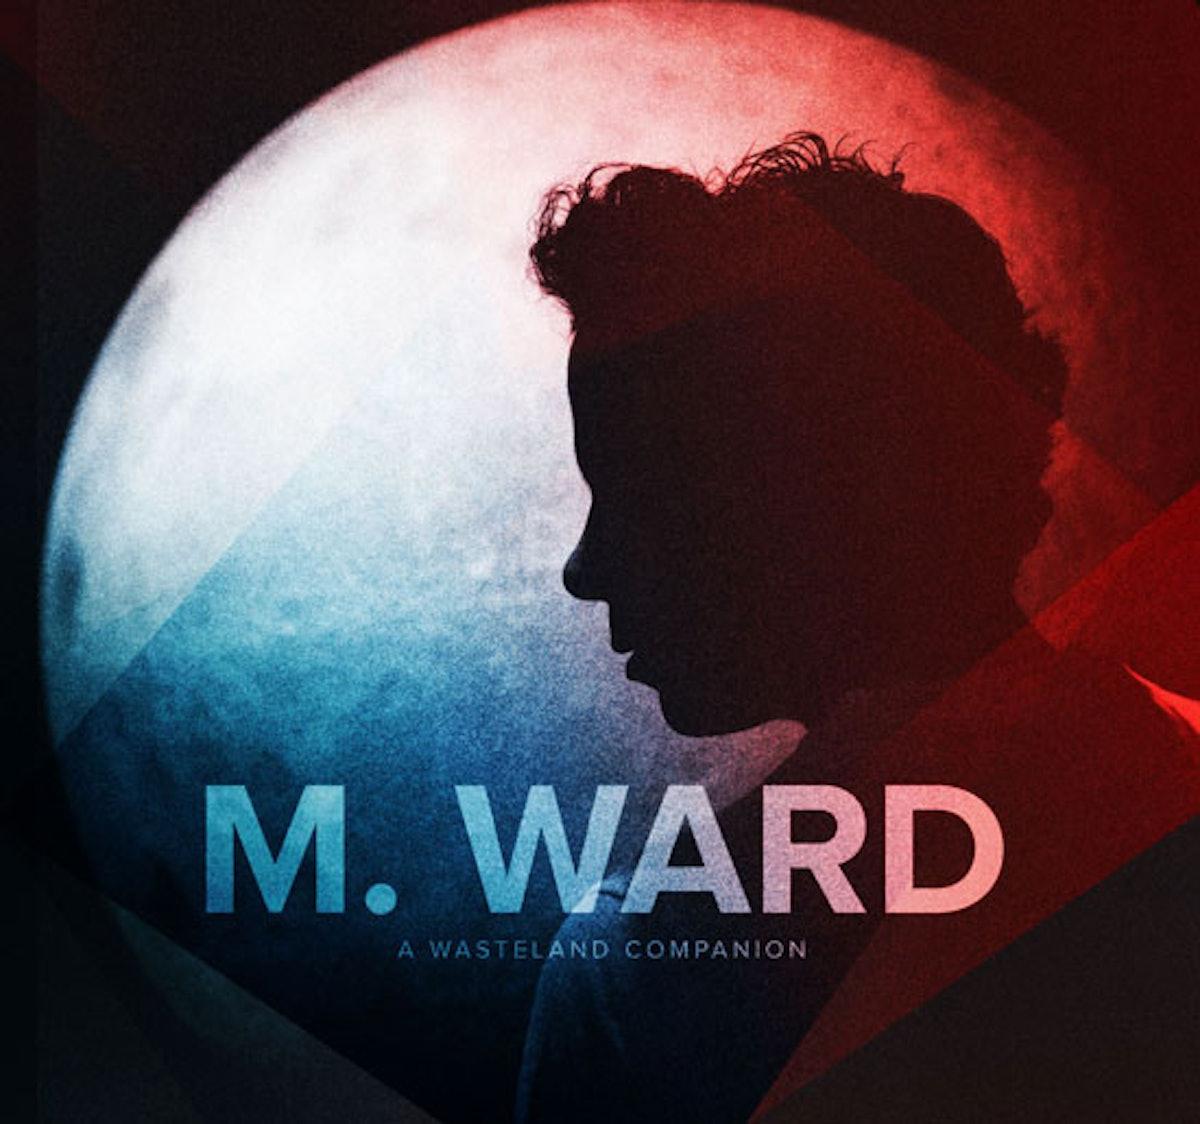 blog-m-ward-a-wasteland-companion-album-cover.jpg